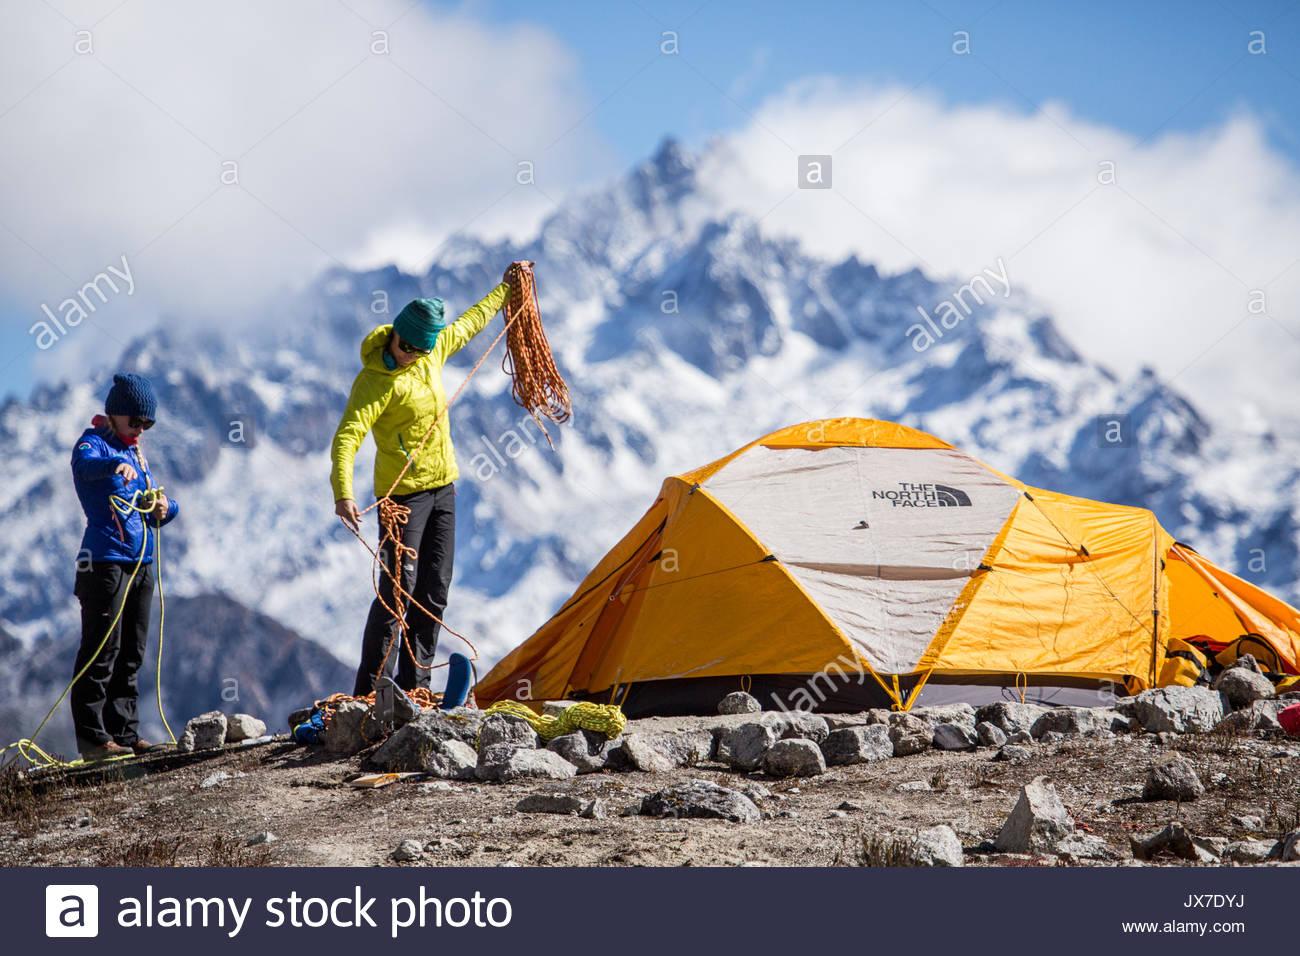 Membri della spedizione controllare arrampicarsi sulle funi e l'ingranaggio prima di intraprendere una spedizione alpinistico. Immagini Stock